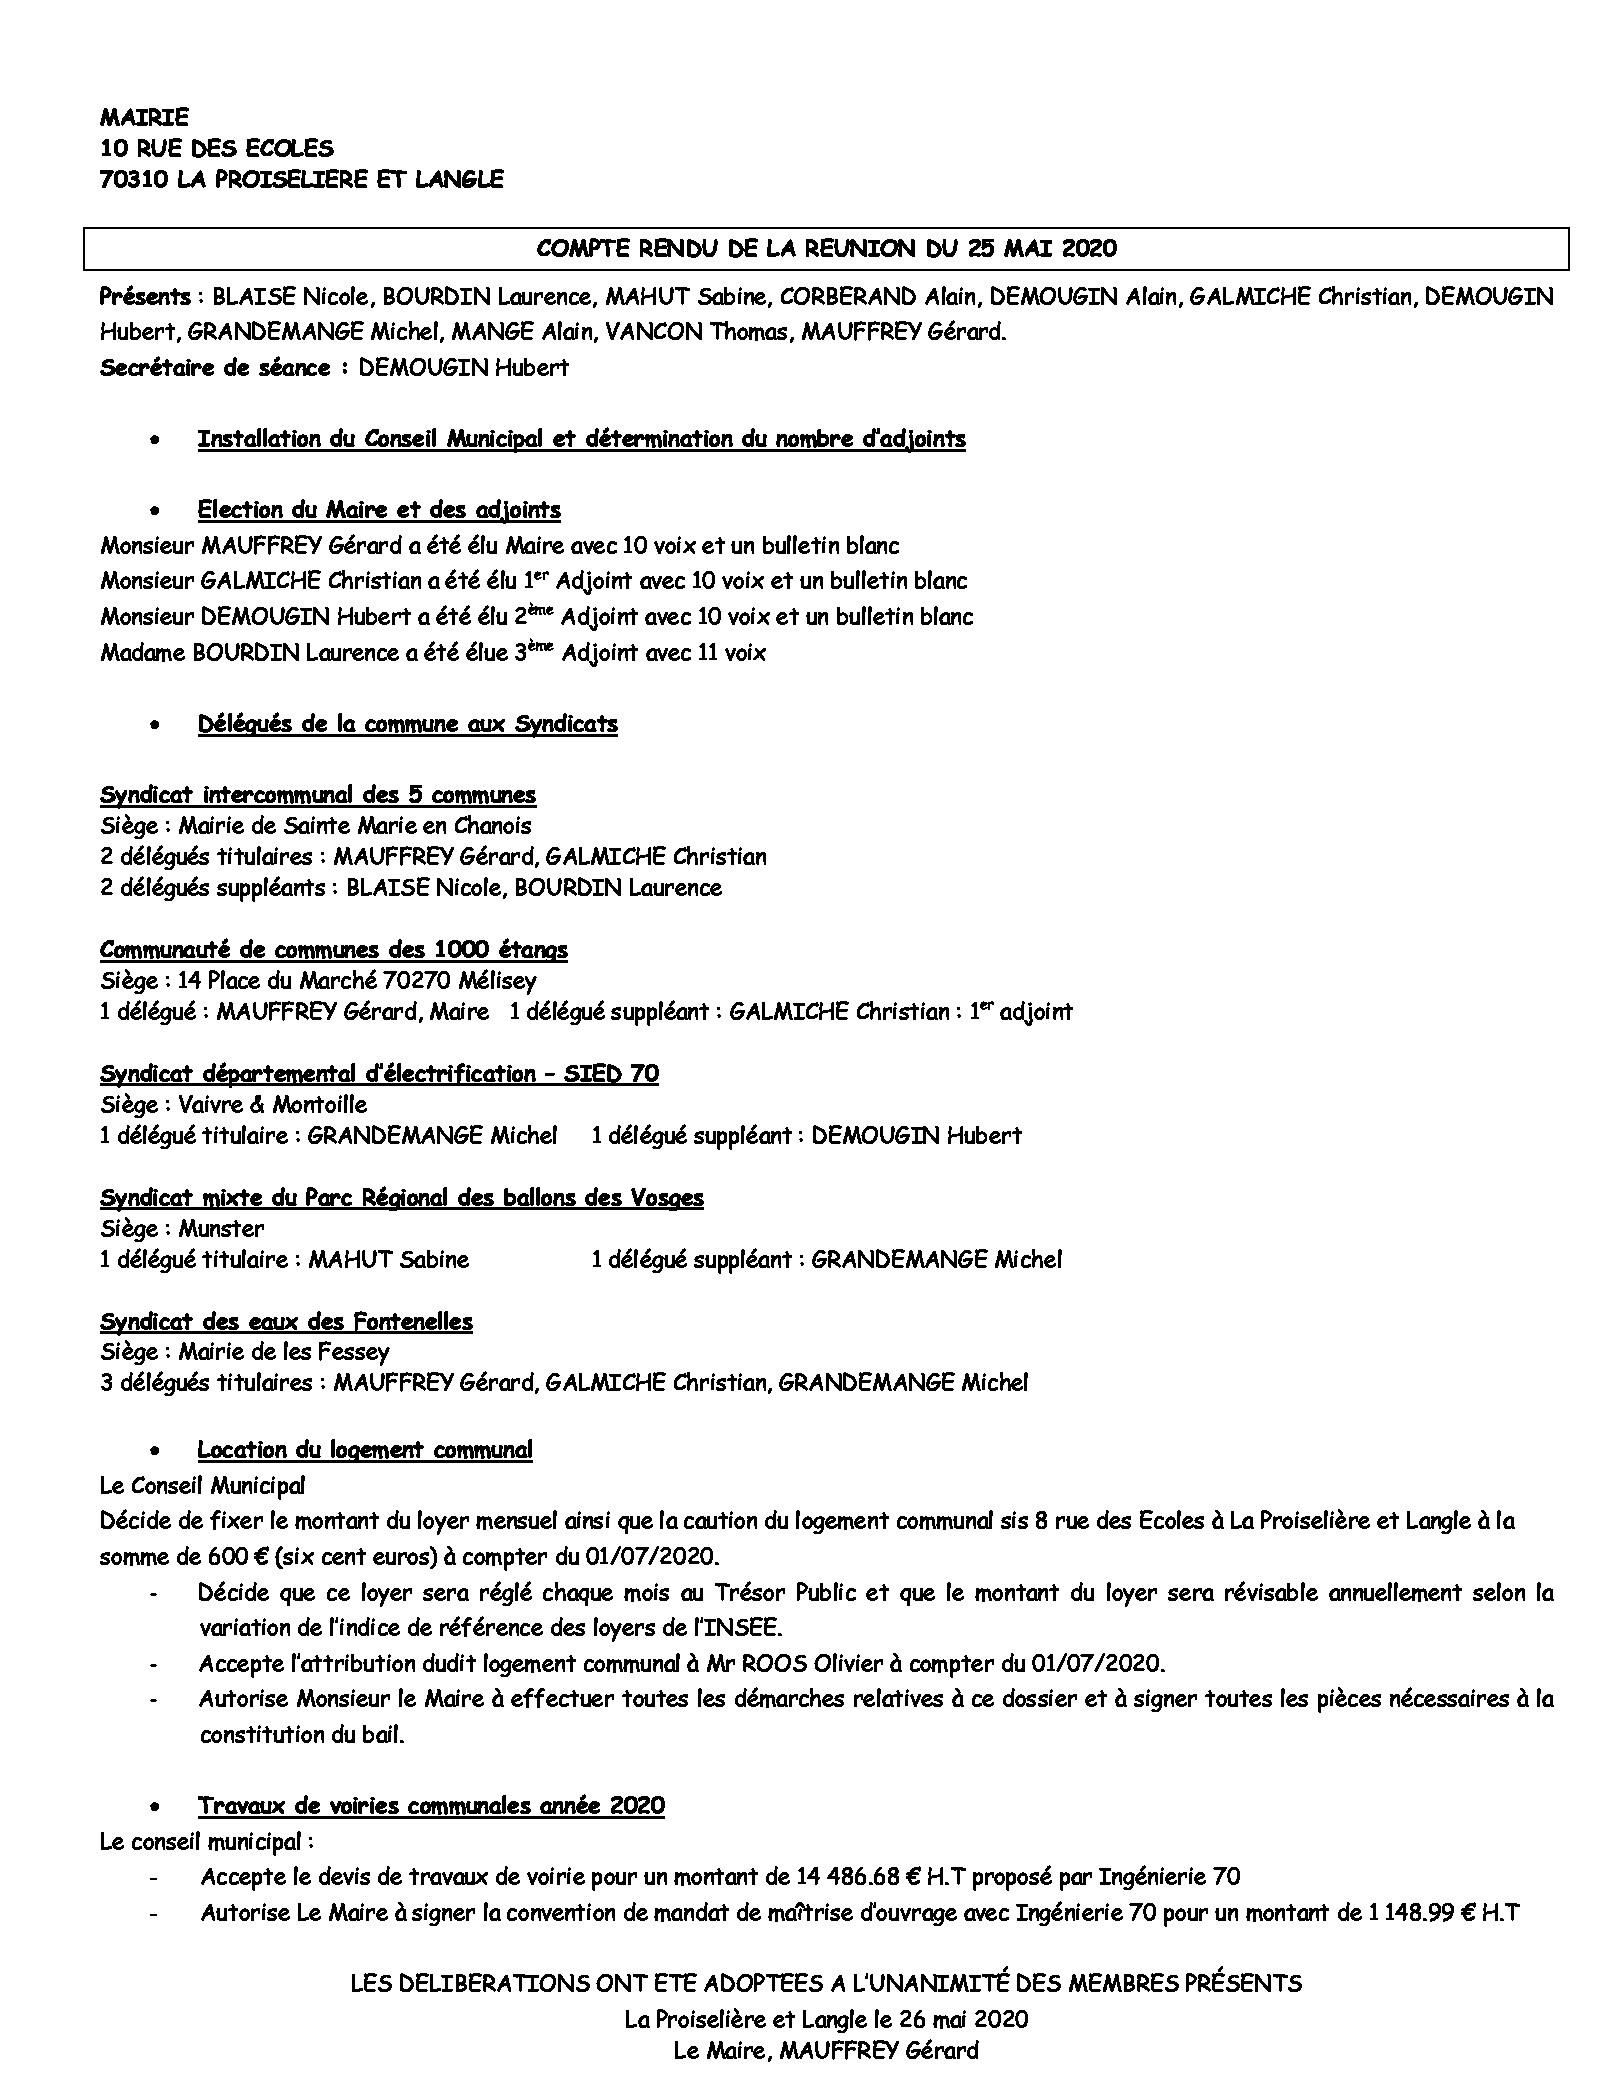 COMPTE RENDU du 25 Mai 2020